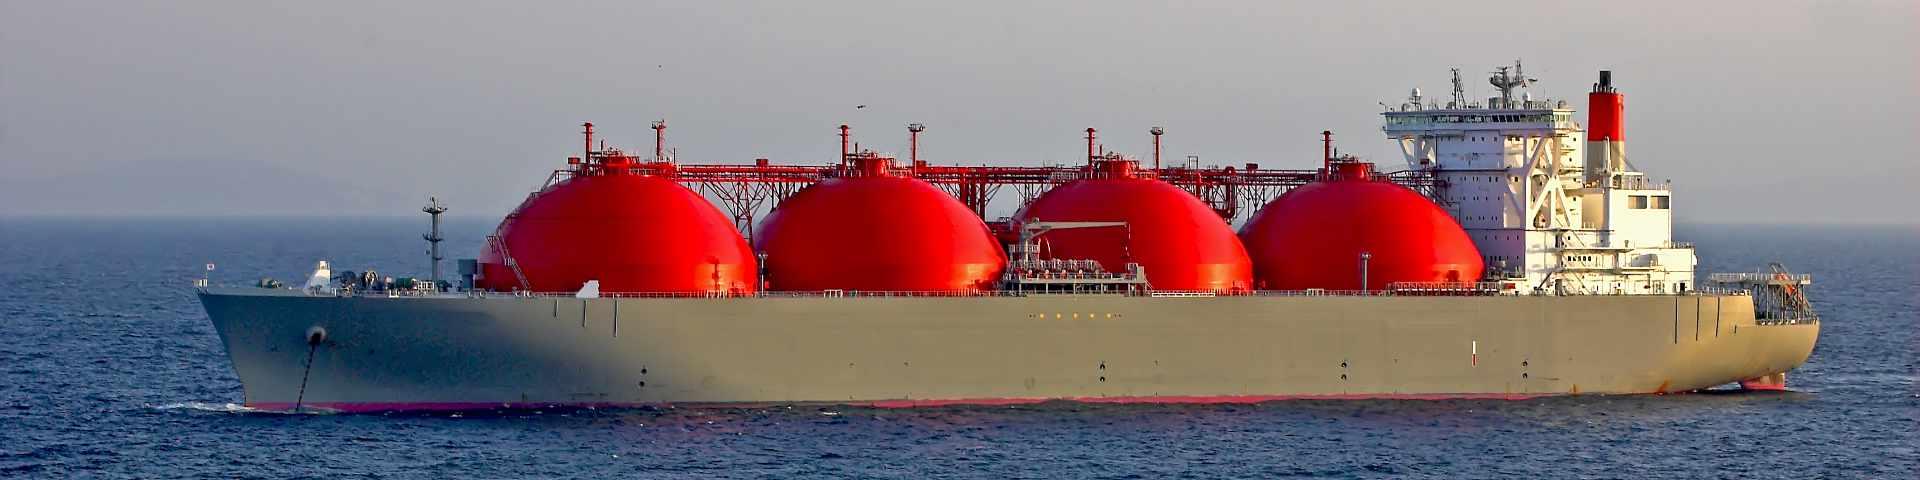 stroomprijs stijgt door gasprijs